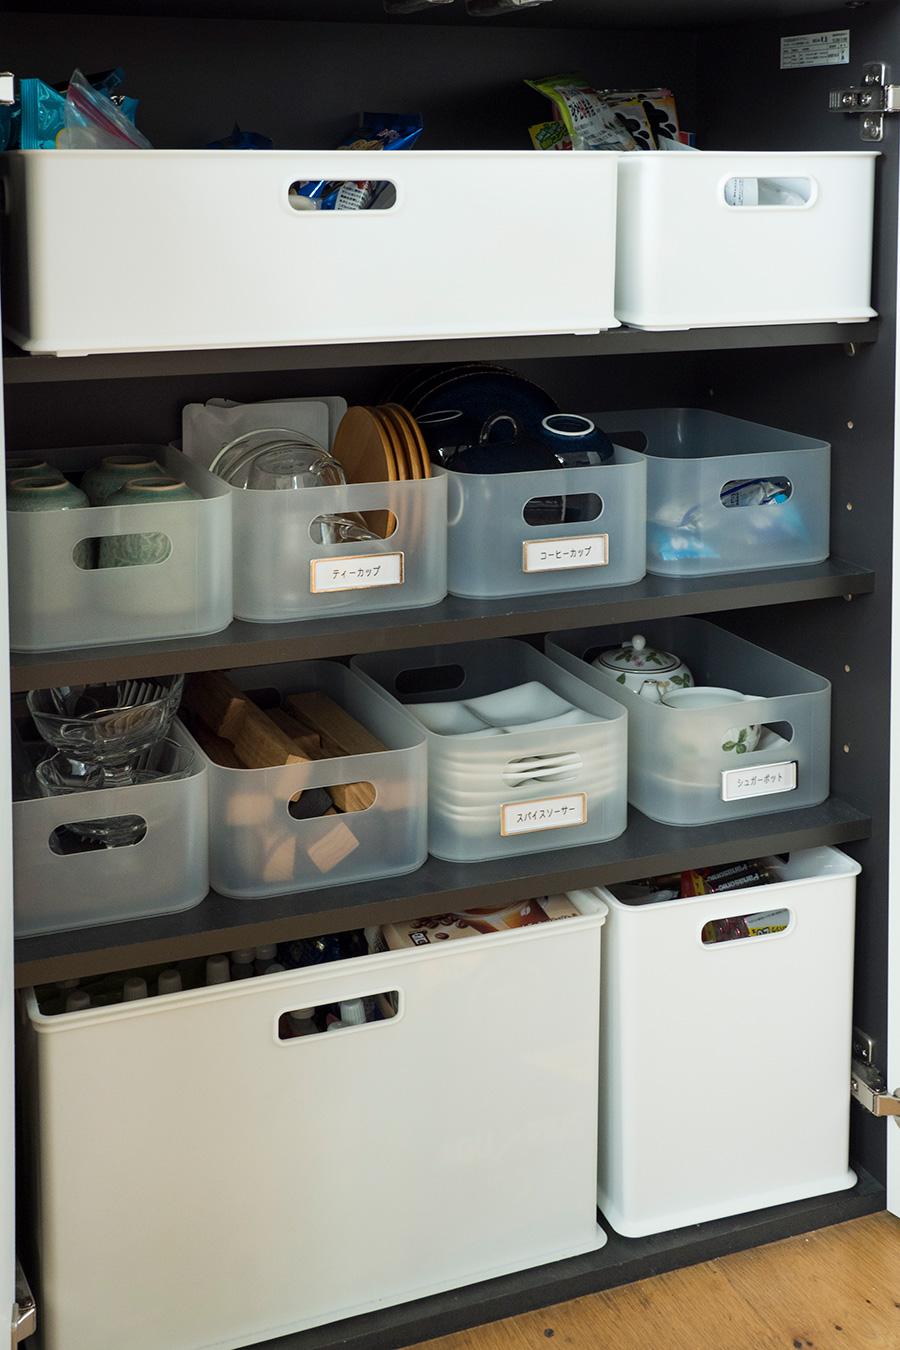 コーヒーカップ、ソーサーなどアイテム毎にケースに収納してラベリング。